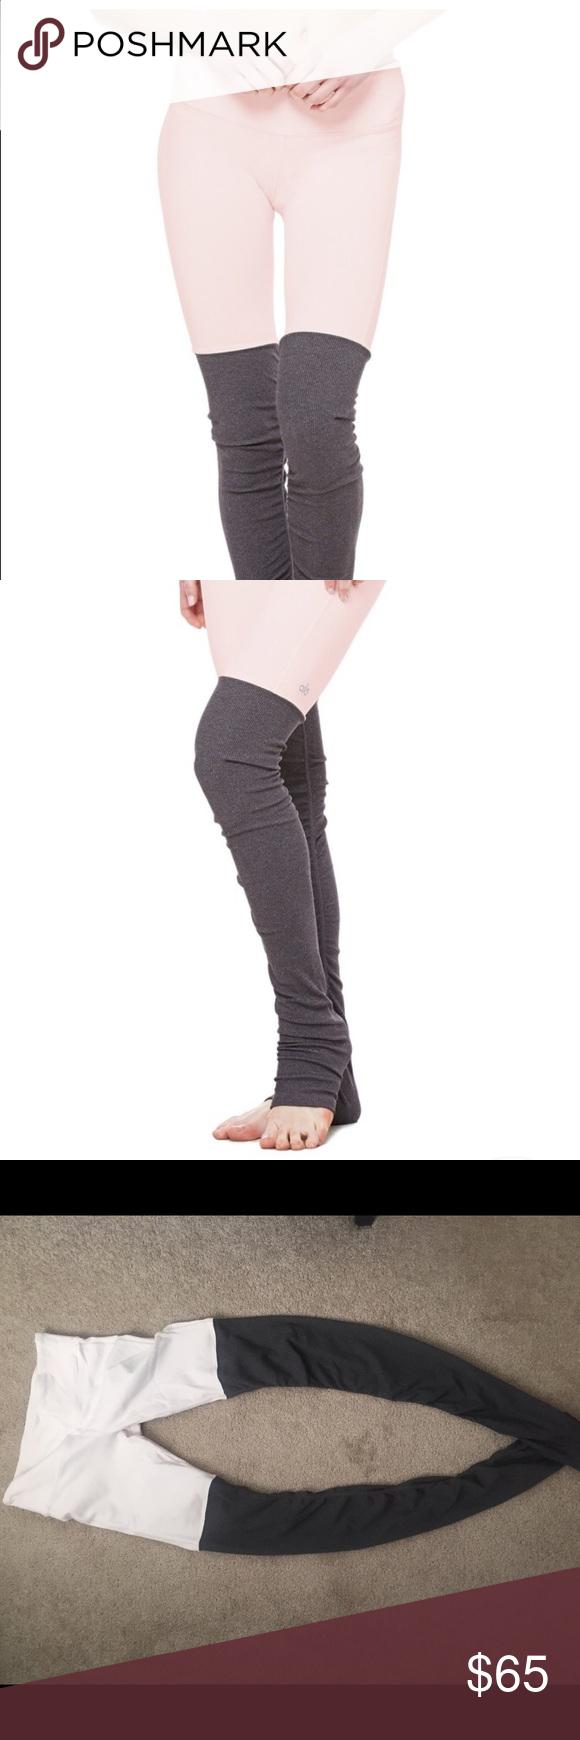 e69c515c93d25 Alo Goddess Legging Alo Ribbed Goddess Legging in light pink/gray. Like new  condition, only worn 3-4 times. Size-medium. ALO Yoga Pants Leggings